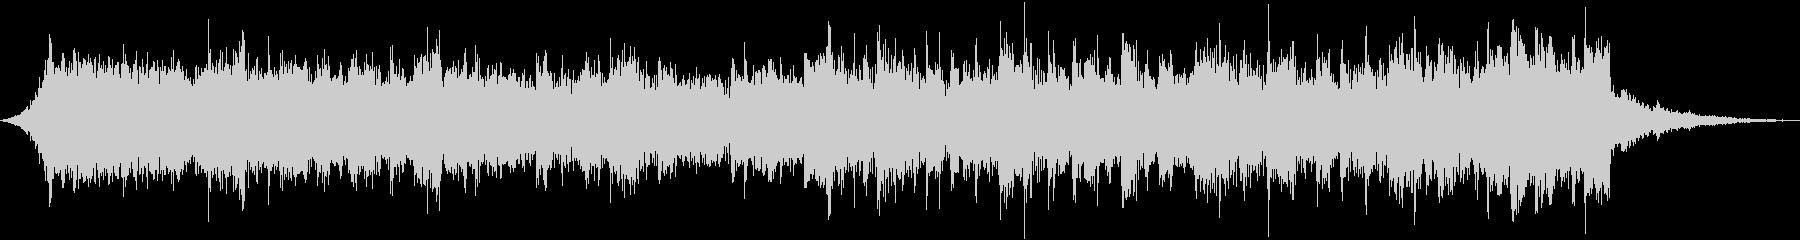 ミステリアスサスペンスシリアスBGMeの未再生の波形